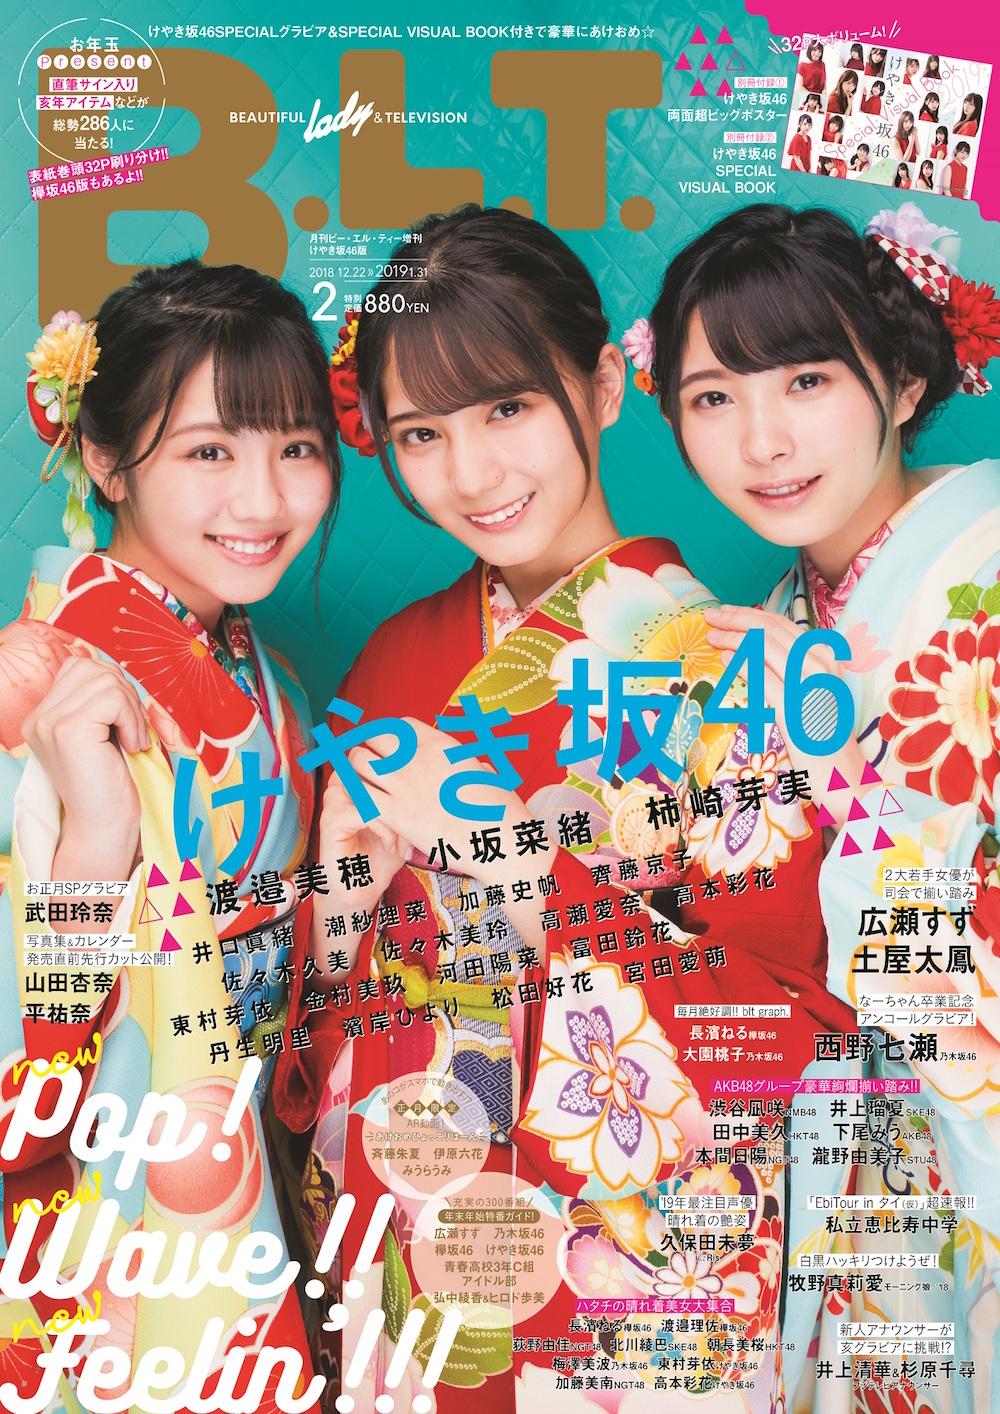 けやき坂46(ひらがなけやき)「B.L.T. 2019年2月号増刊 けやき坂46版」